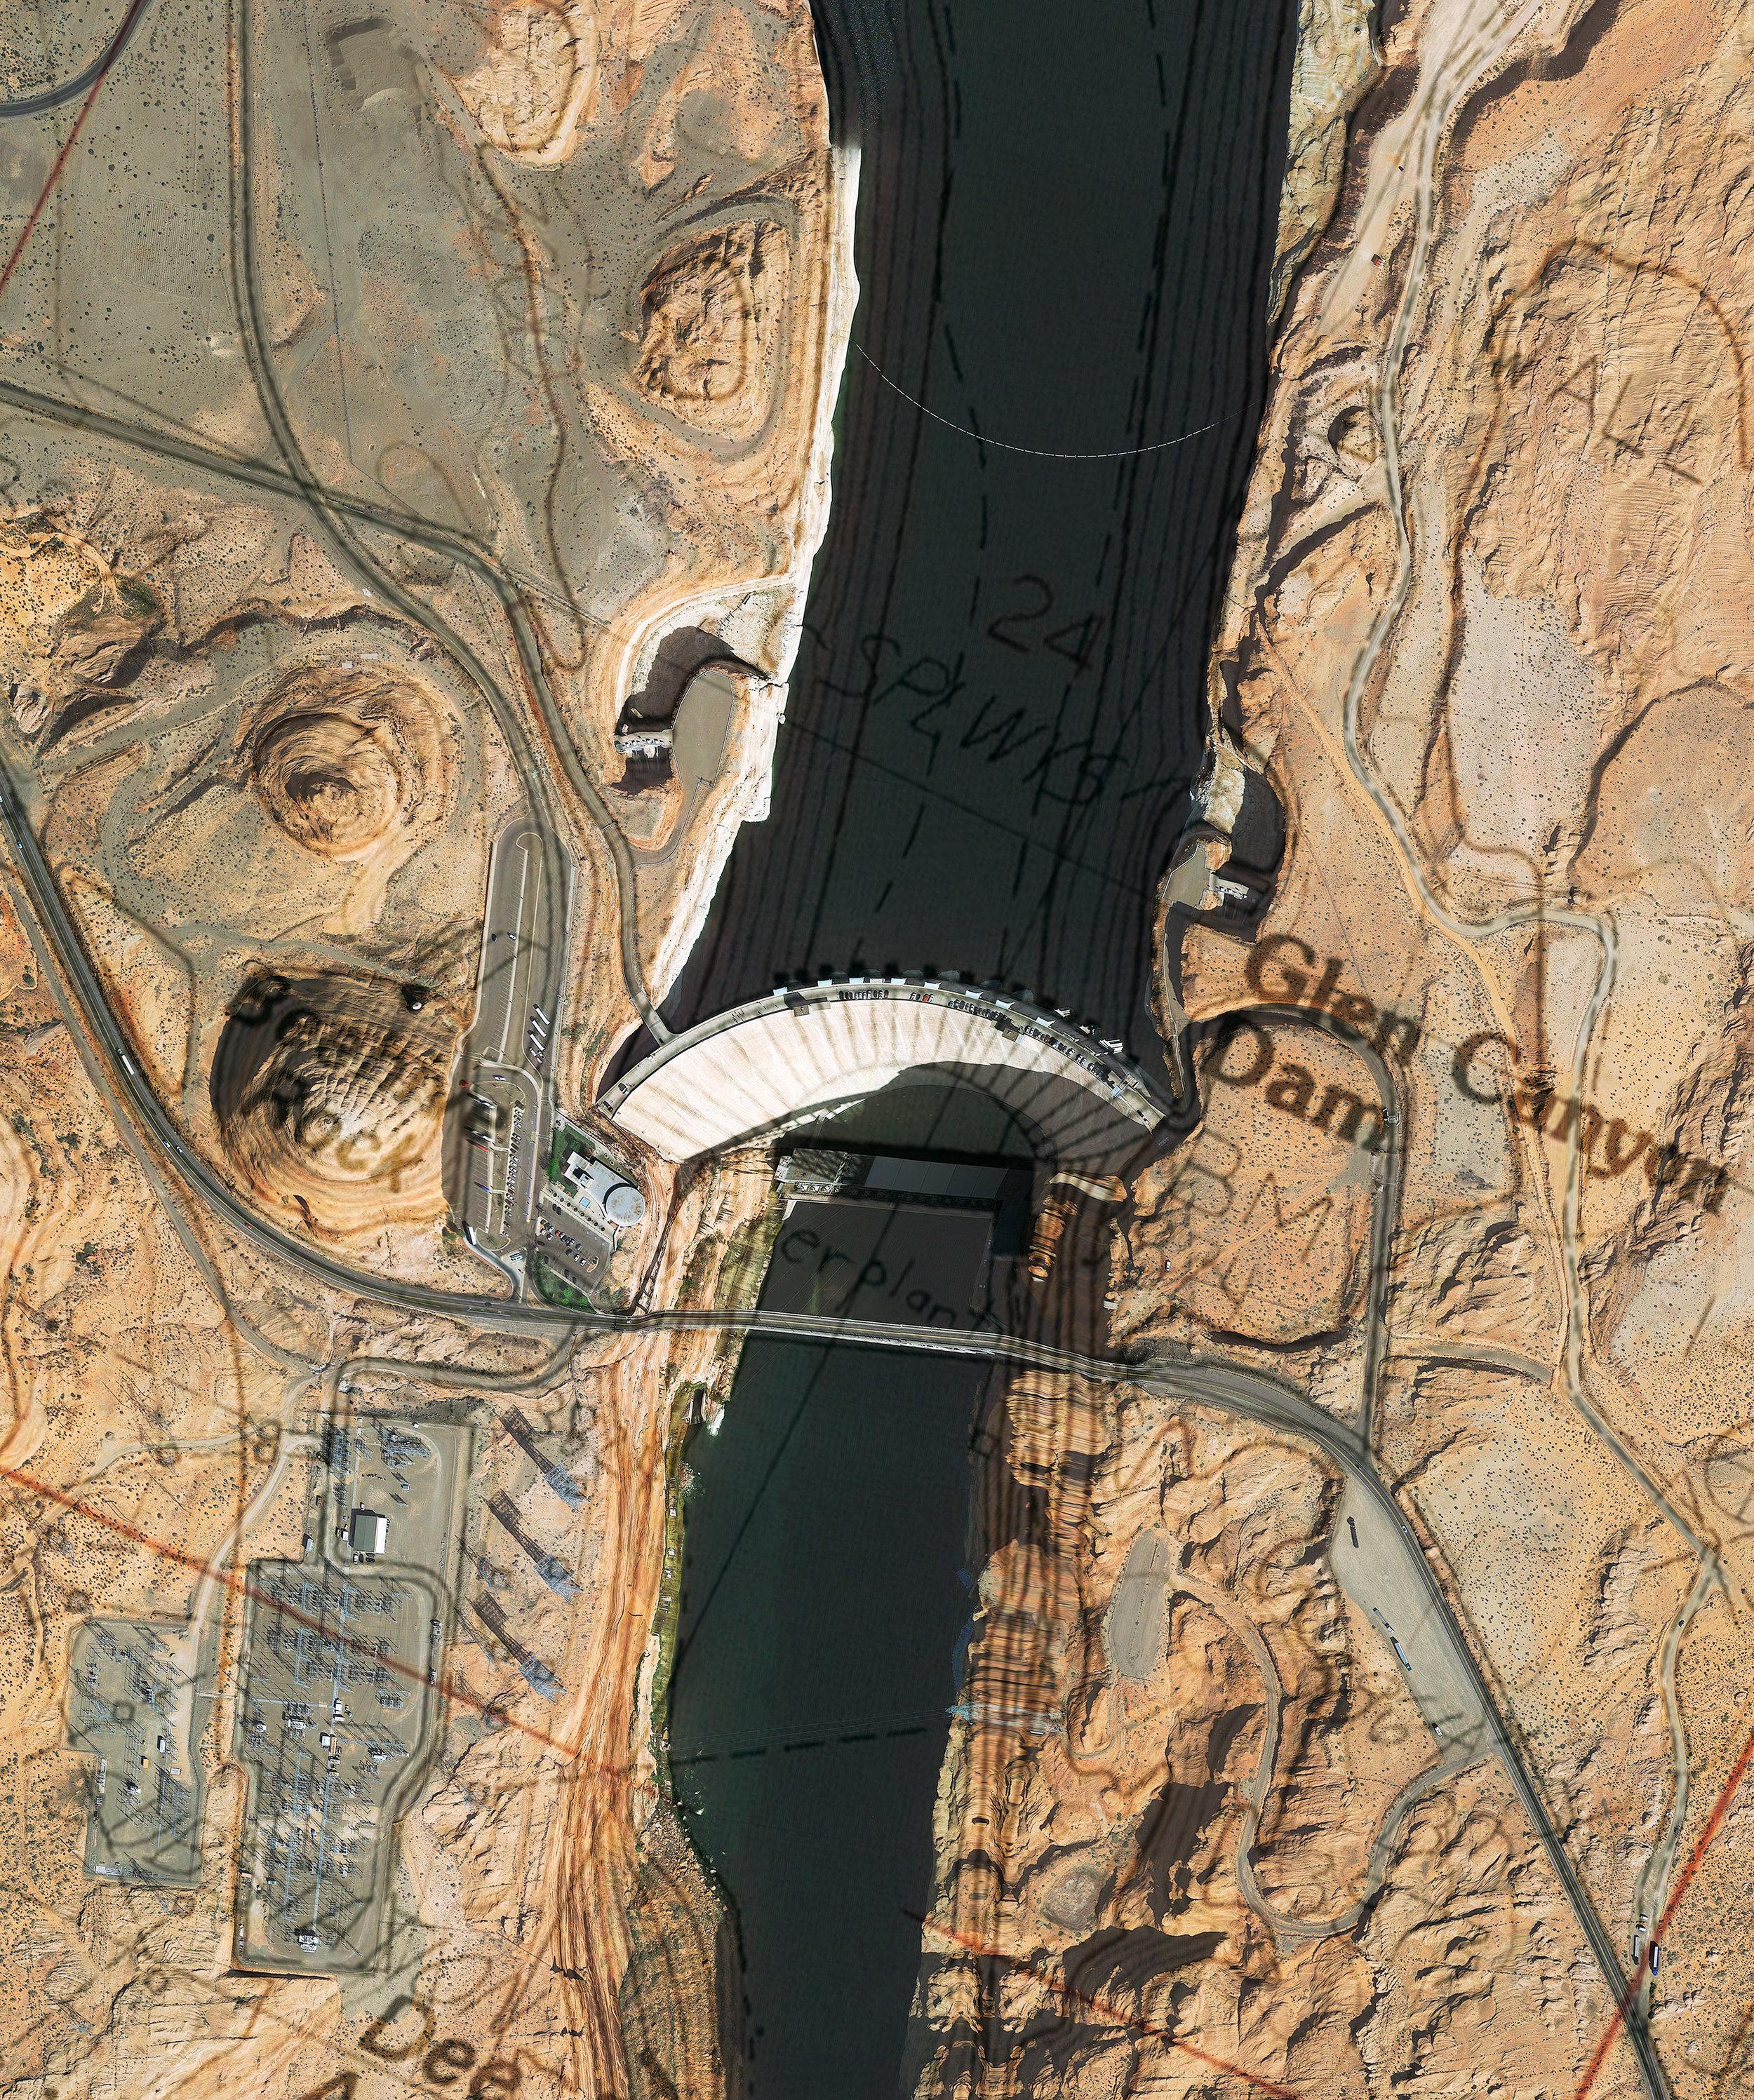 Glen Canyon Dam Satl/Topo